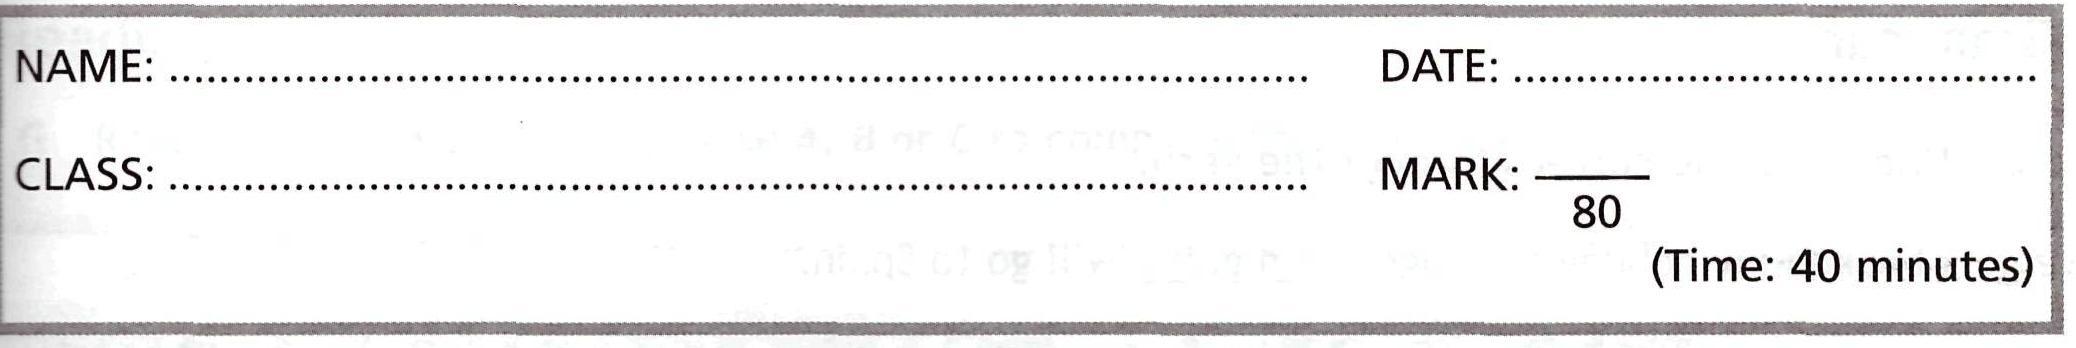 C:\Documents and Settings\учитель\Рабочий стол\шерстнёва с.в\уроки\СРЕДНЯЯ ШКОЛА\7 класс spotlight\контрольная 5\имя.jpg